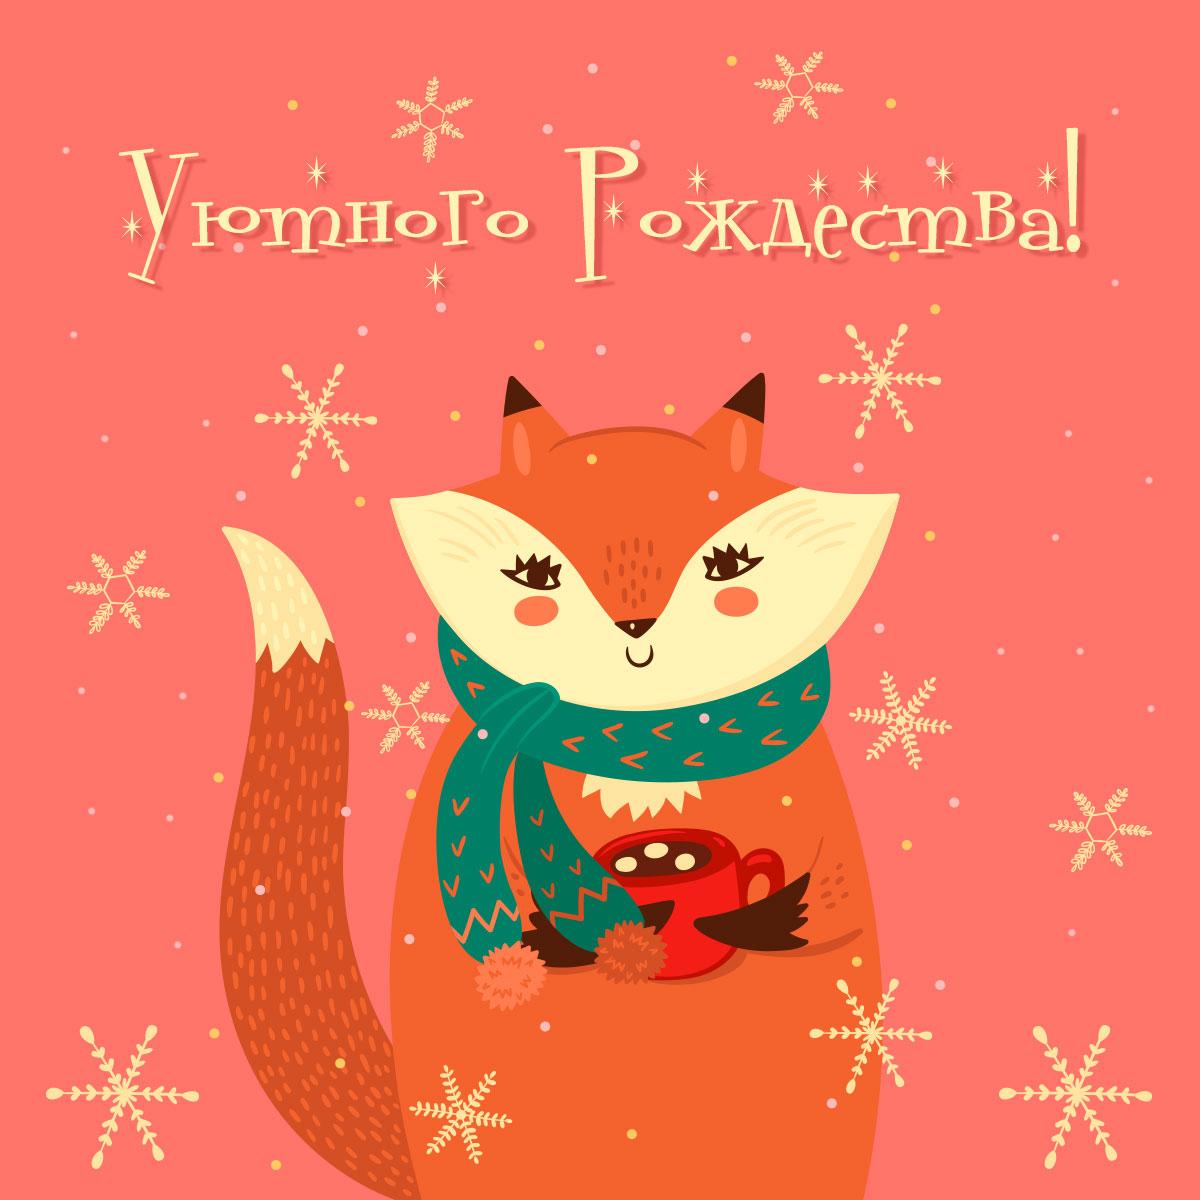 Картинка с текстом и мультипликационной рыжей лисой на рождество для открытки.